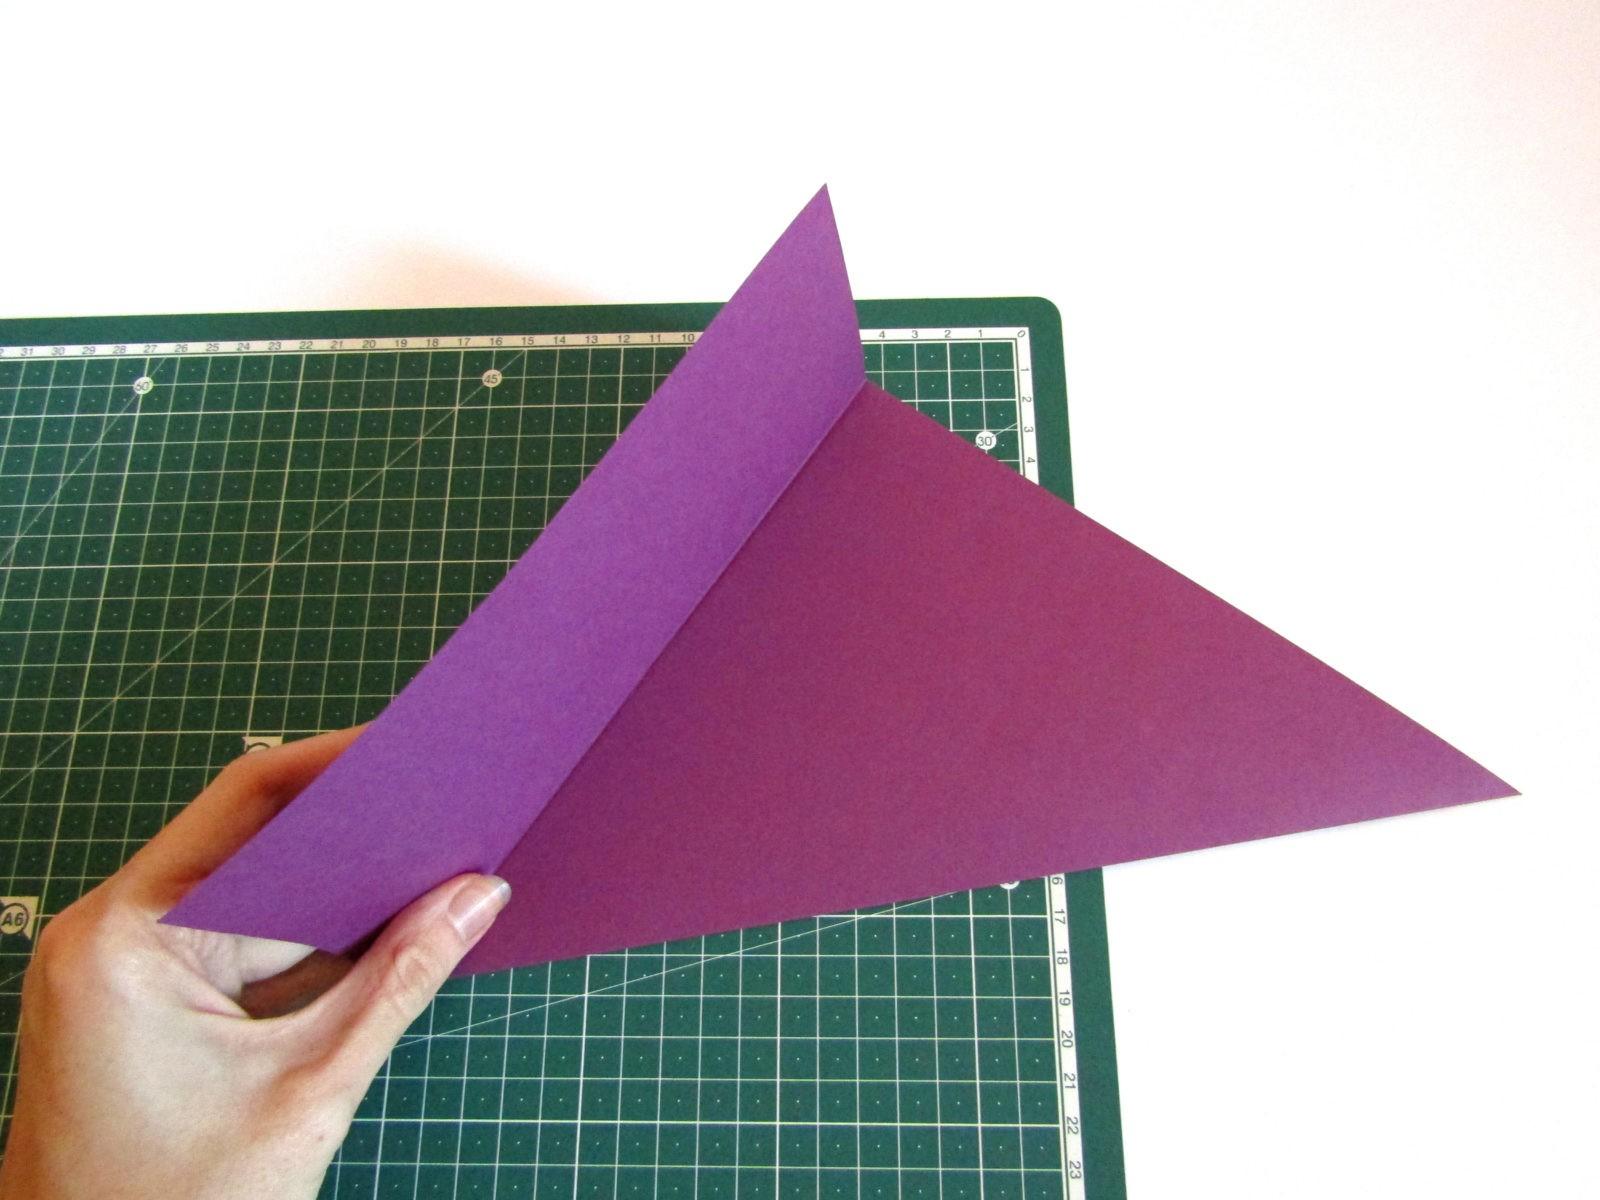 Очень легко и просто можно создать объемную поделку без использования клея. Конечно, даже ножницы могут и не понадобиться, если изначально у вас будет готовая заготовка в виде квадрата. Так получим собачку оригами благодаря ловкости рук! - 2